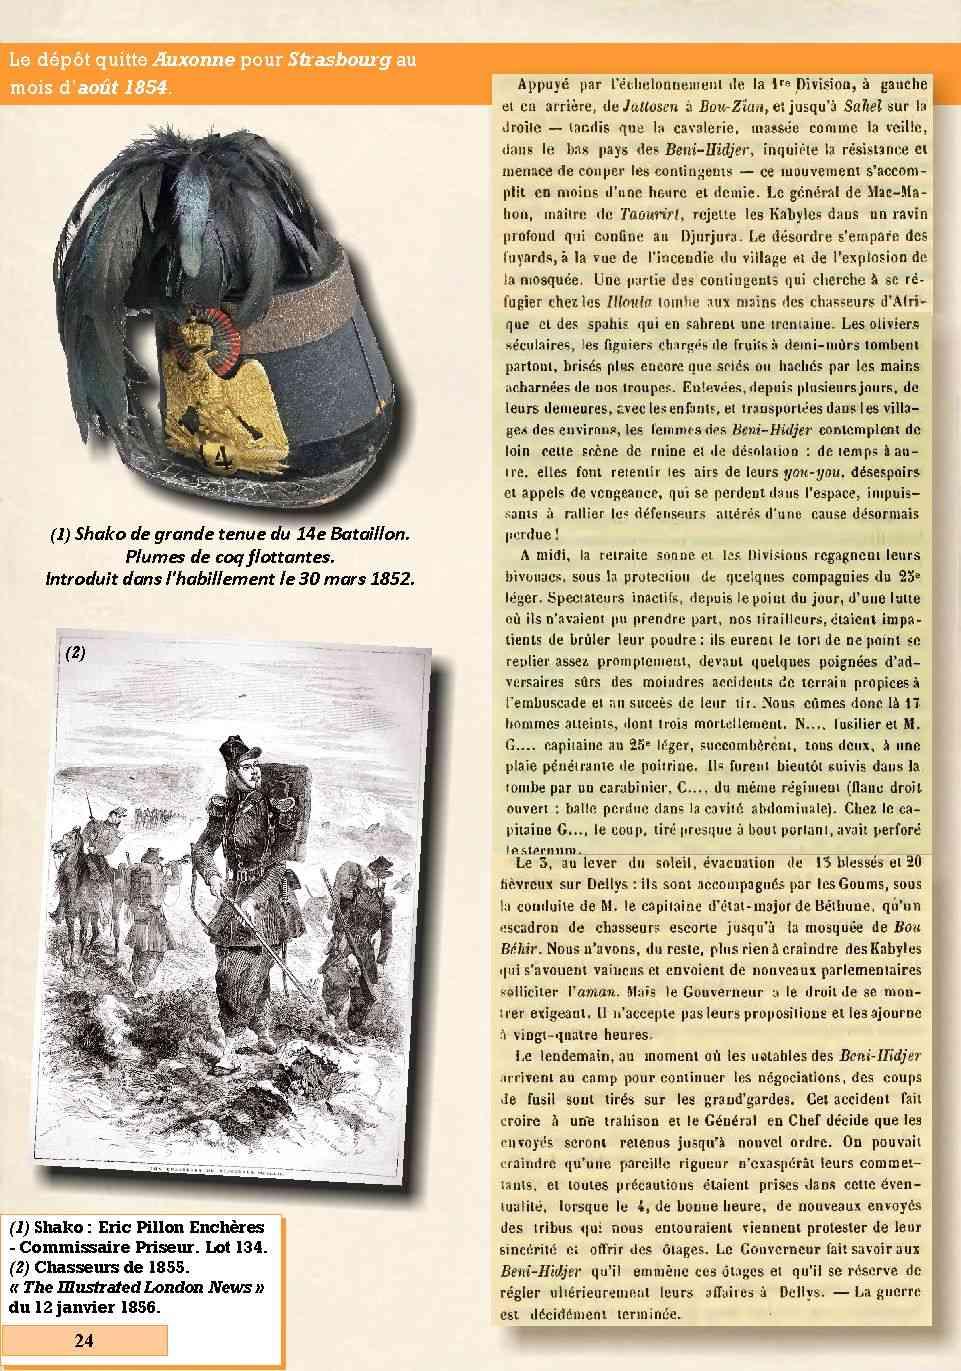 L'Historique du 14e Bataillon de Chasseurs. 1854 - 1962 Page_212